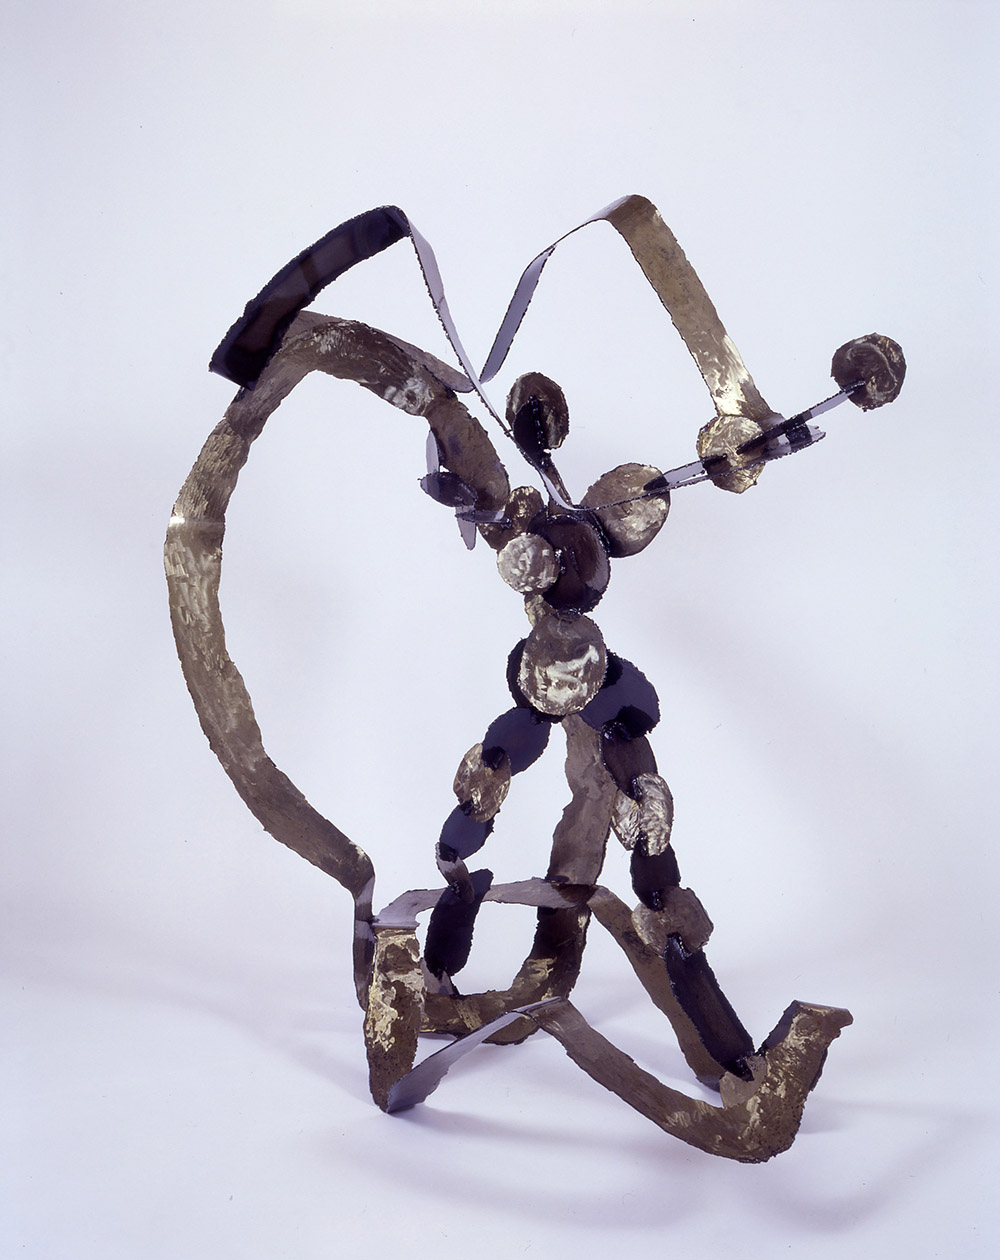 15.b-Ono-Struggle-1998.-Steel-146.3-x-149.4-x-100.6-cm-x.jpg